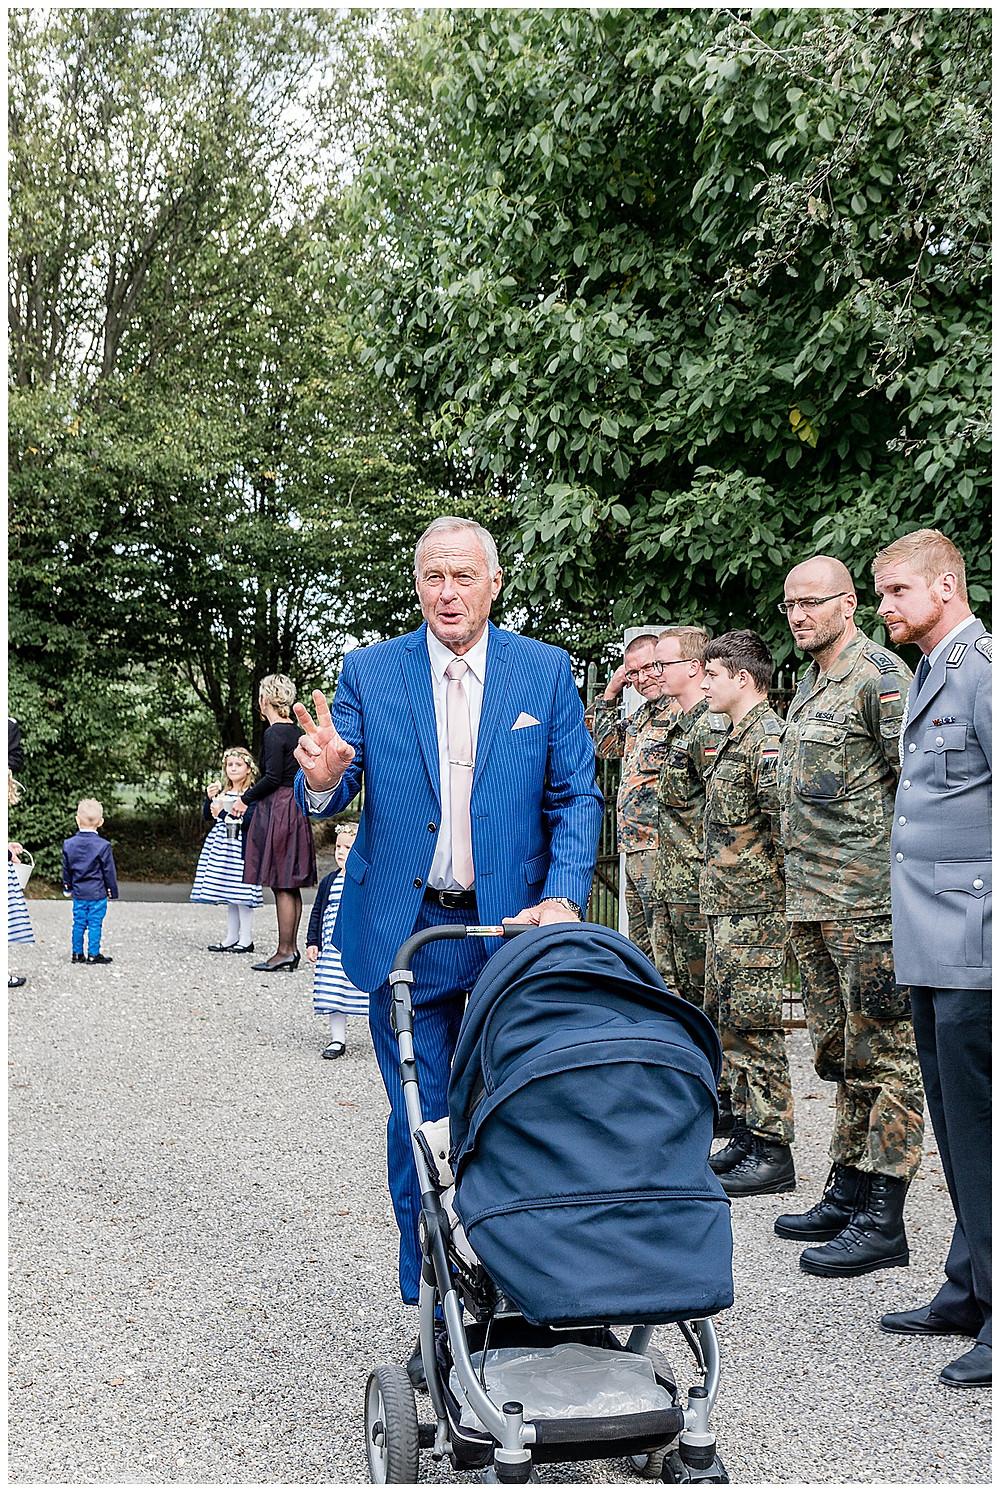 Mann mit Kinderwagen auf Hochzeit